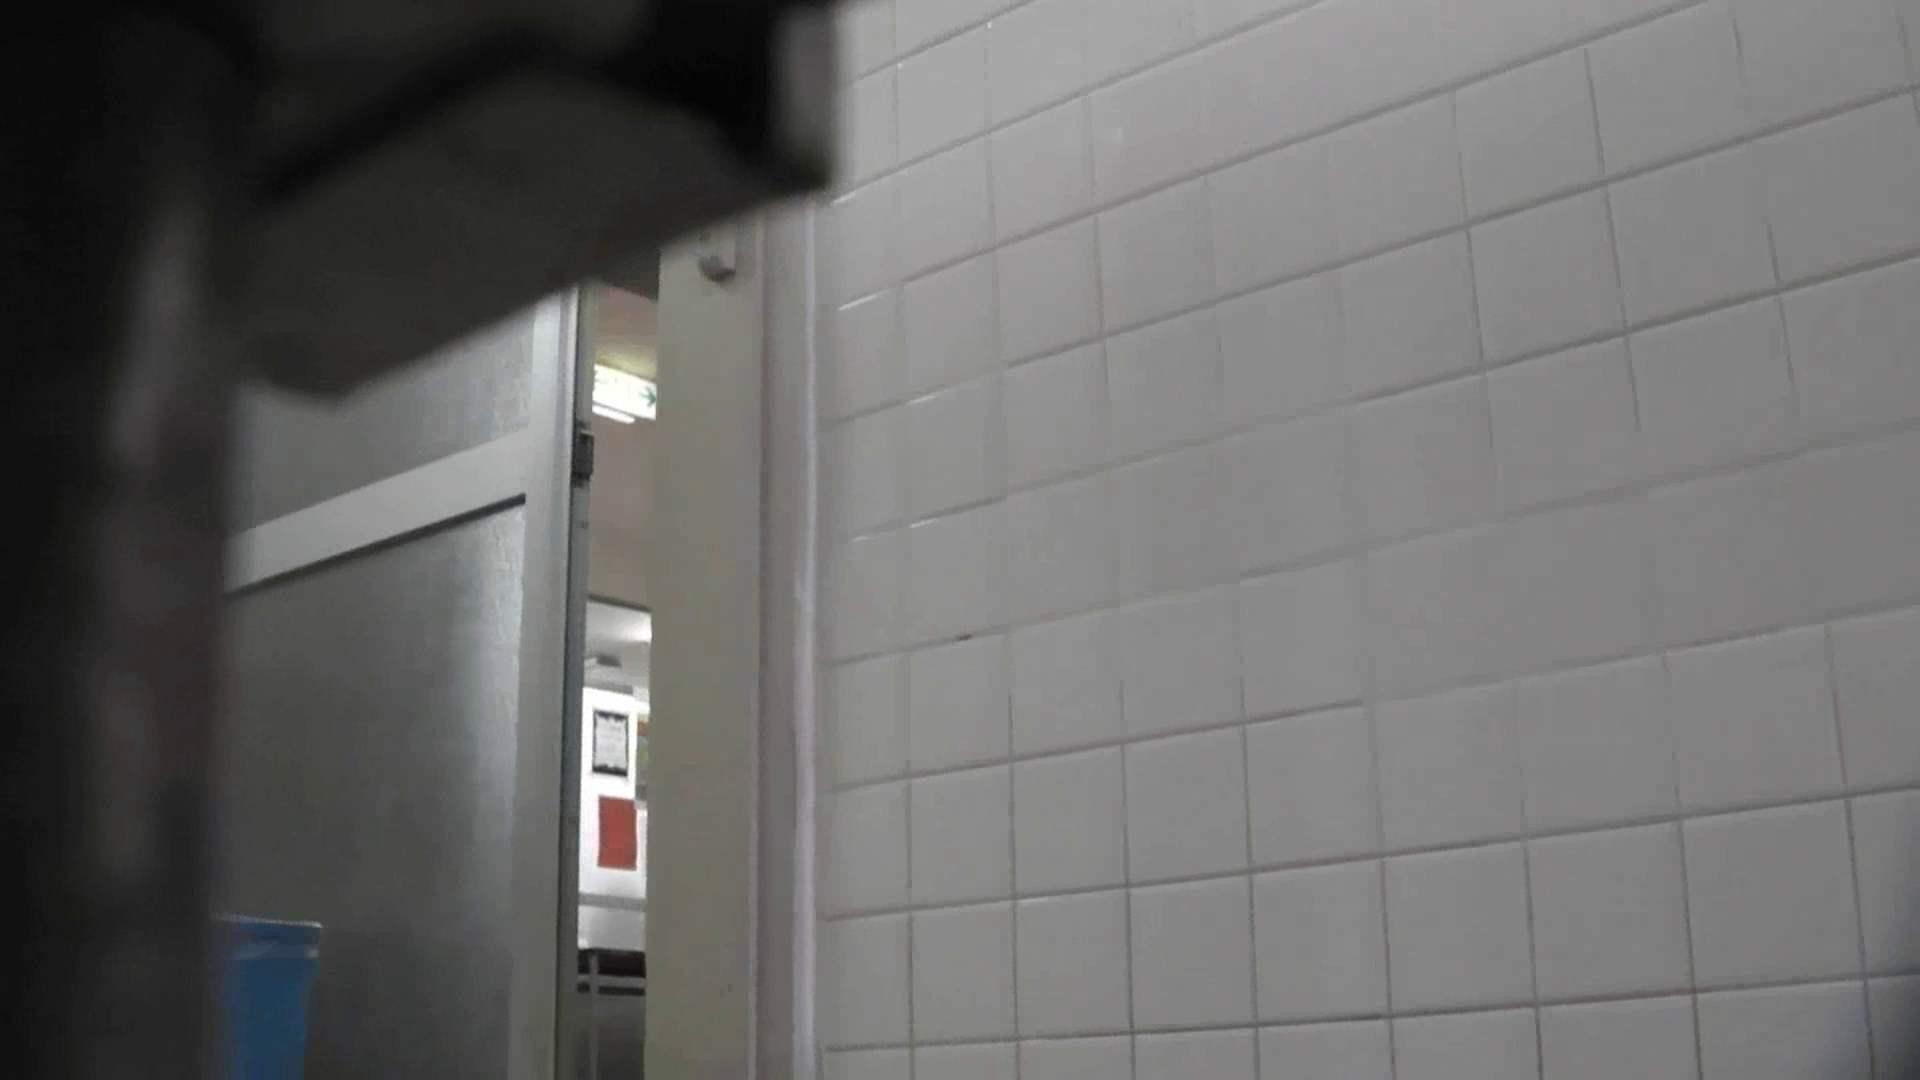 洗面所特攻隊 vol.004 可愛らしい女性です。 OL | バックショット  35連発 5